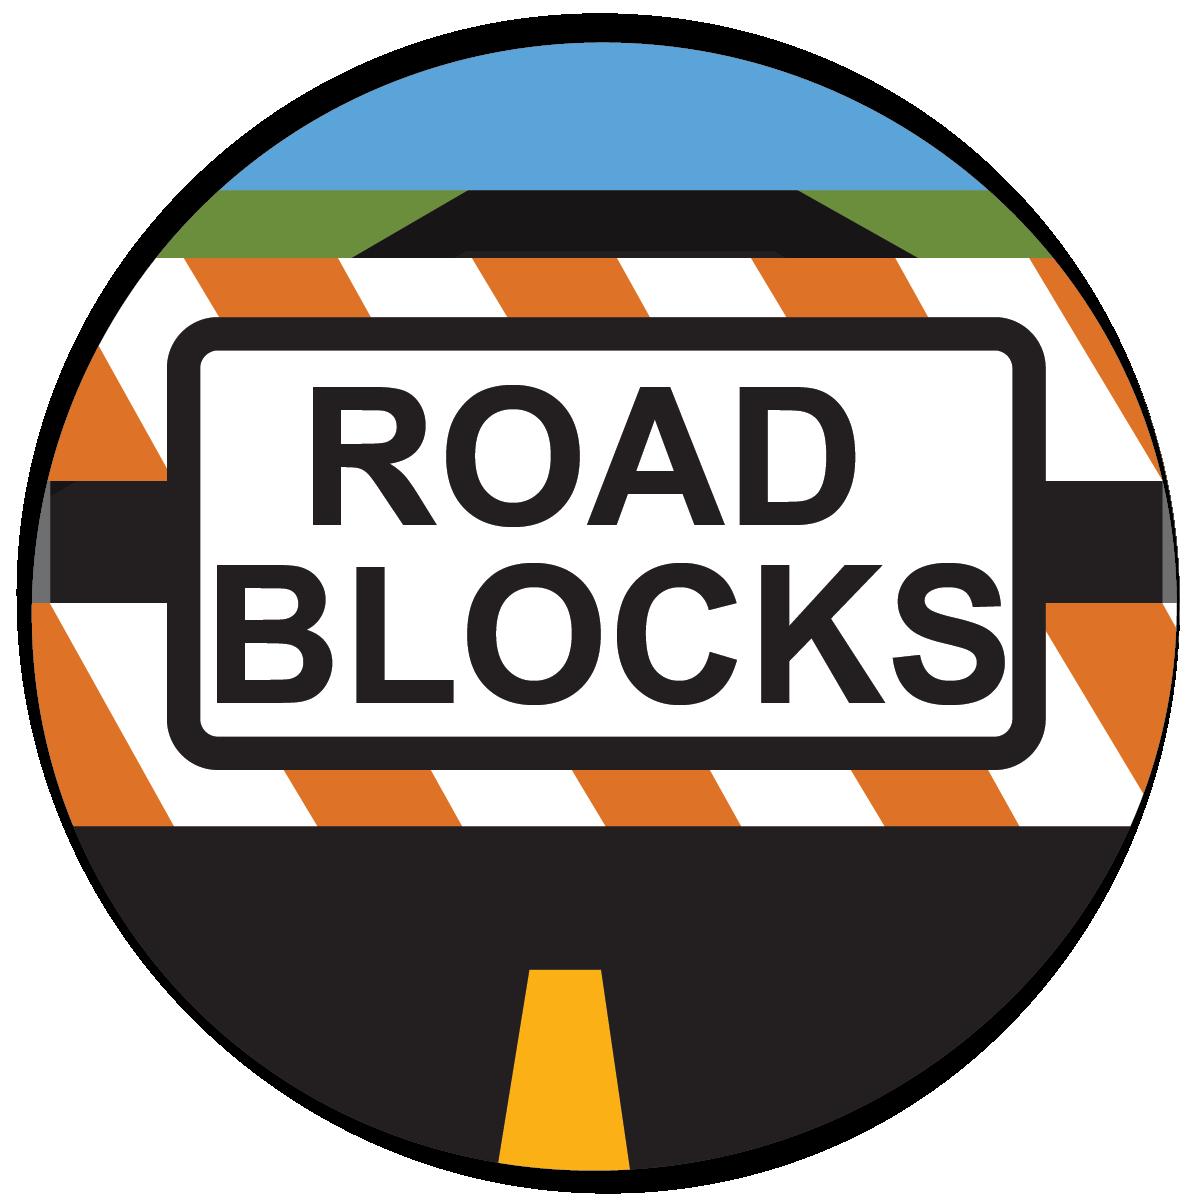 roadblocks-01.png